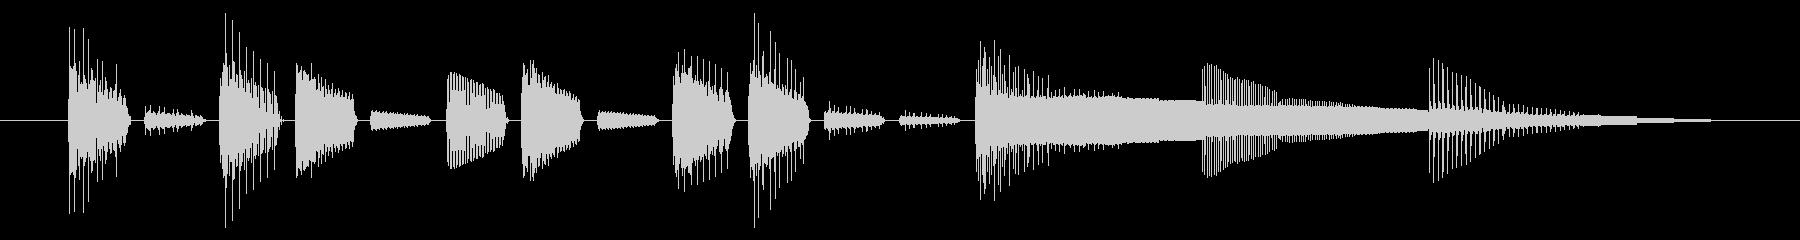 GB風パズル・カードゲームのジングルの未再生の波形